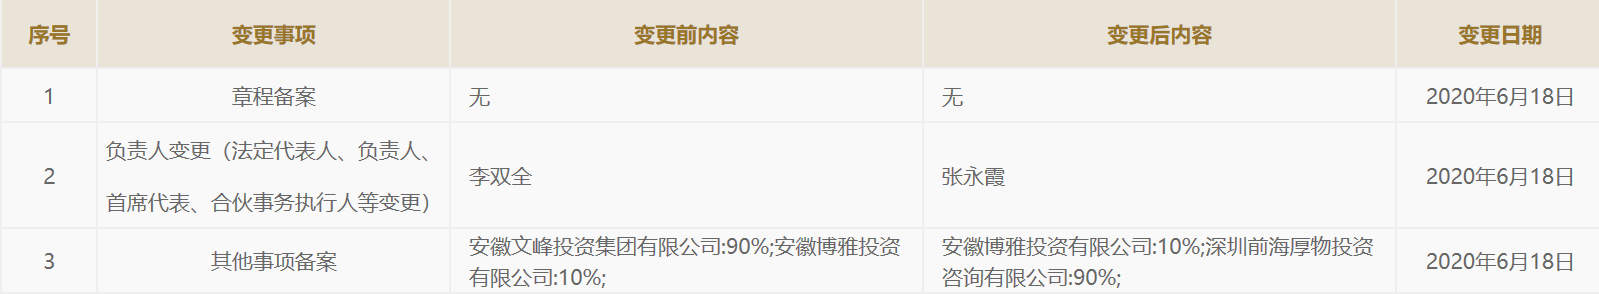 [天富官网]团退出文峰置业隐商李厚文资天富官网图片